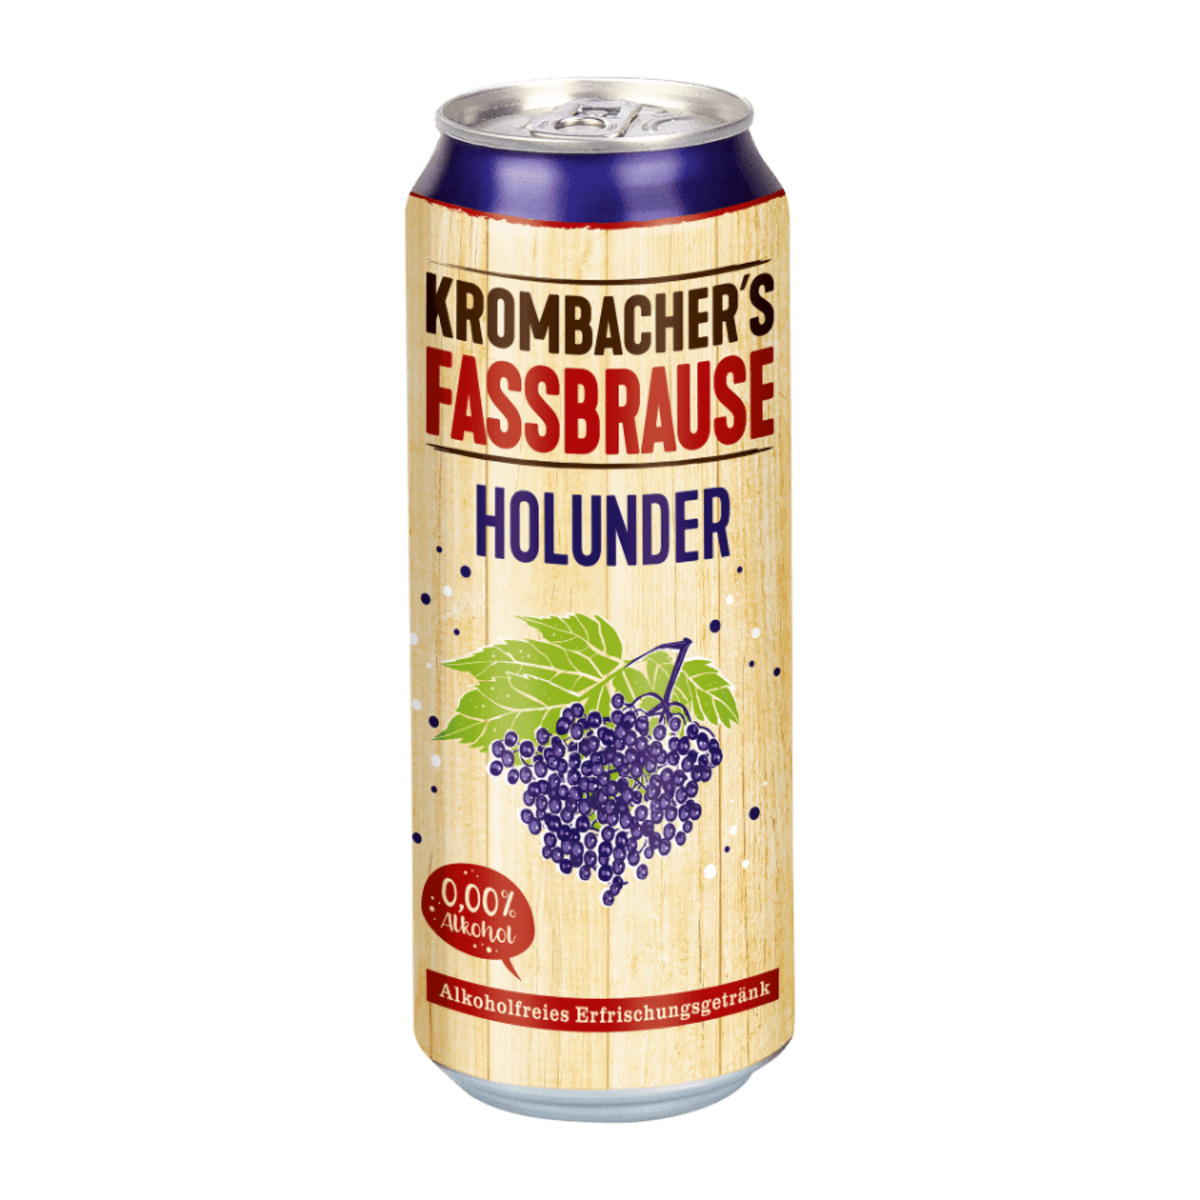 Bild 5 von Krombacher's Fassbrause